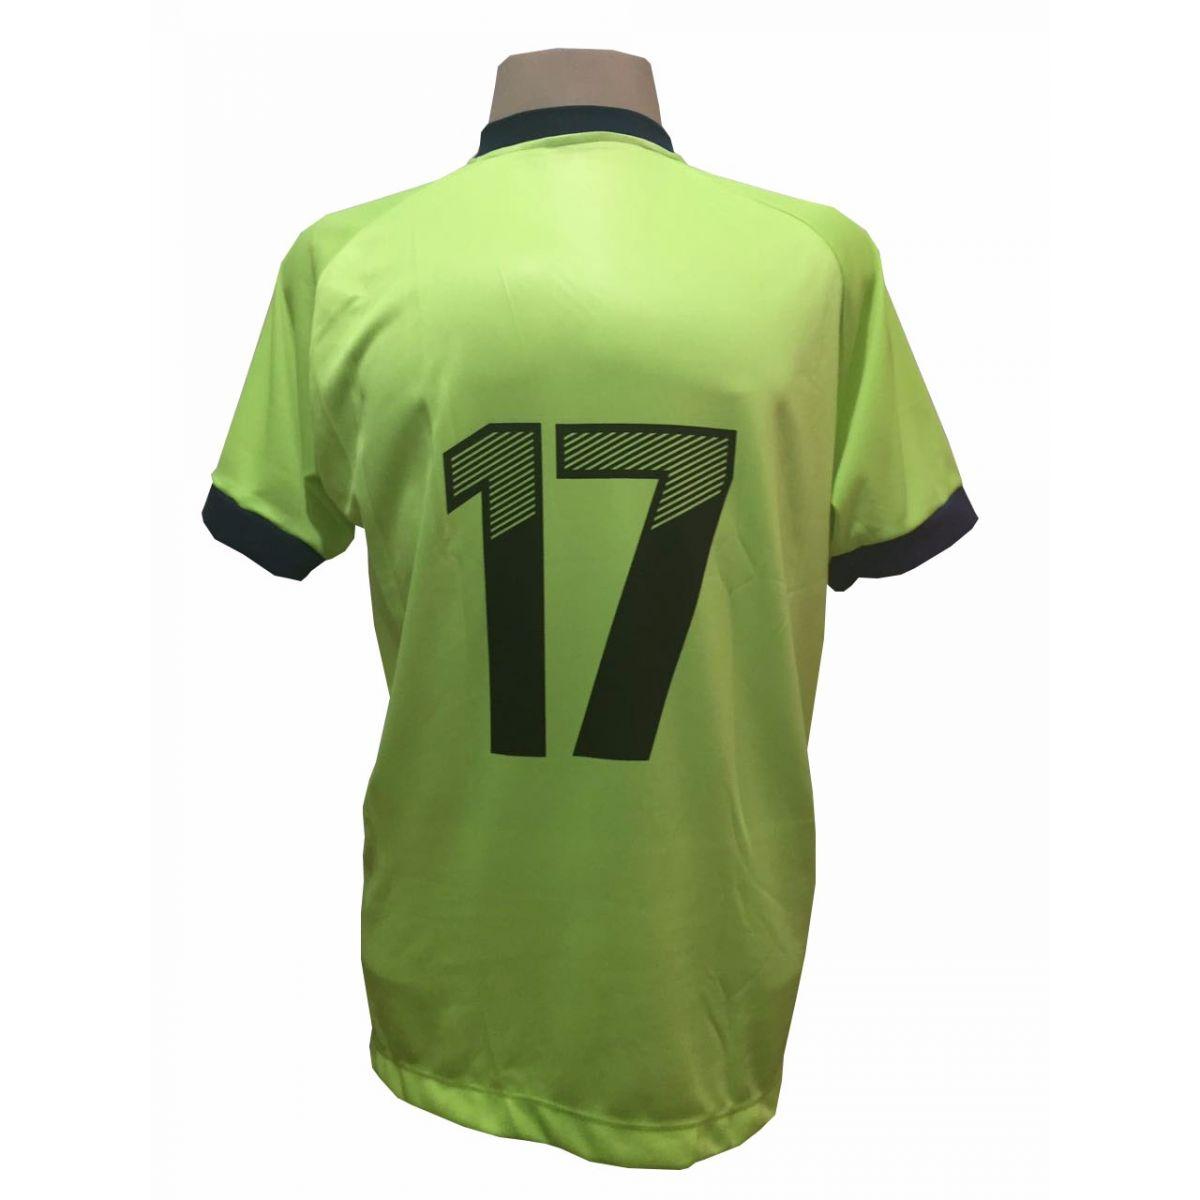 Uniforme Esportivo com 20 camisas modelo Bélgica Limão/Marinho + 20 calções modelo Madrid Marinho + Brindes